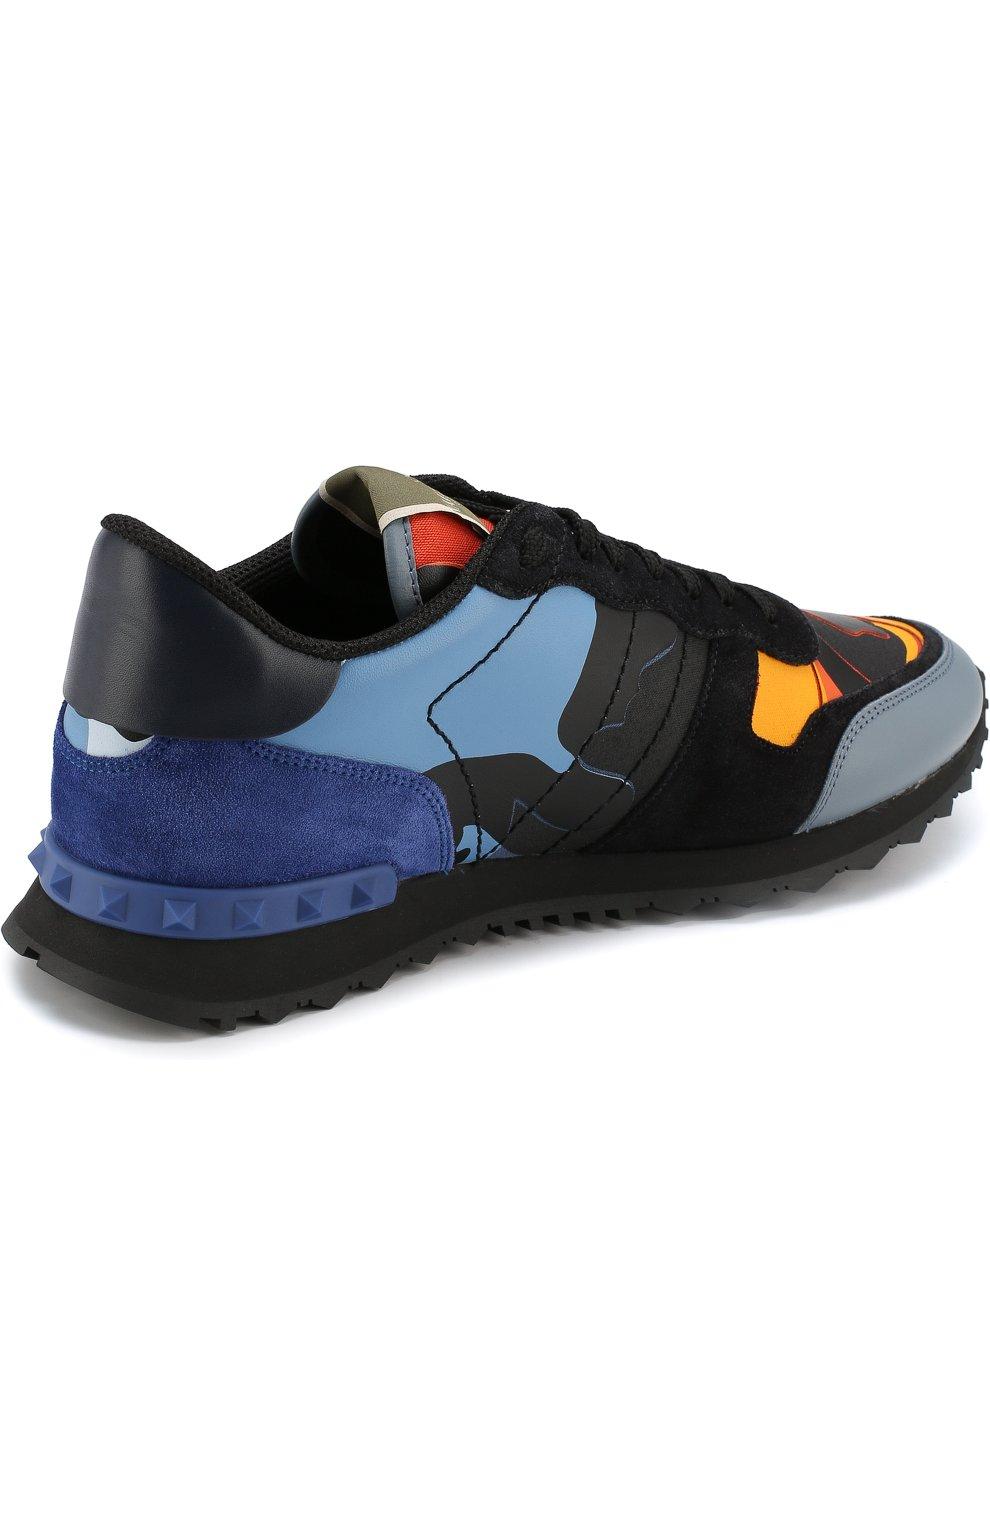 Комбинированные кроссовки Valentino Garavani Rockrunner на шнуровке   Фото  №4 5ad96d388be